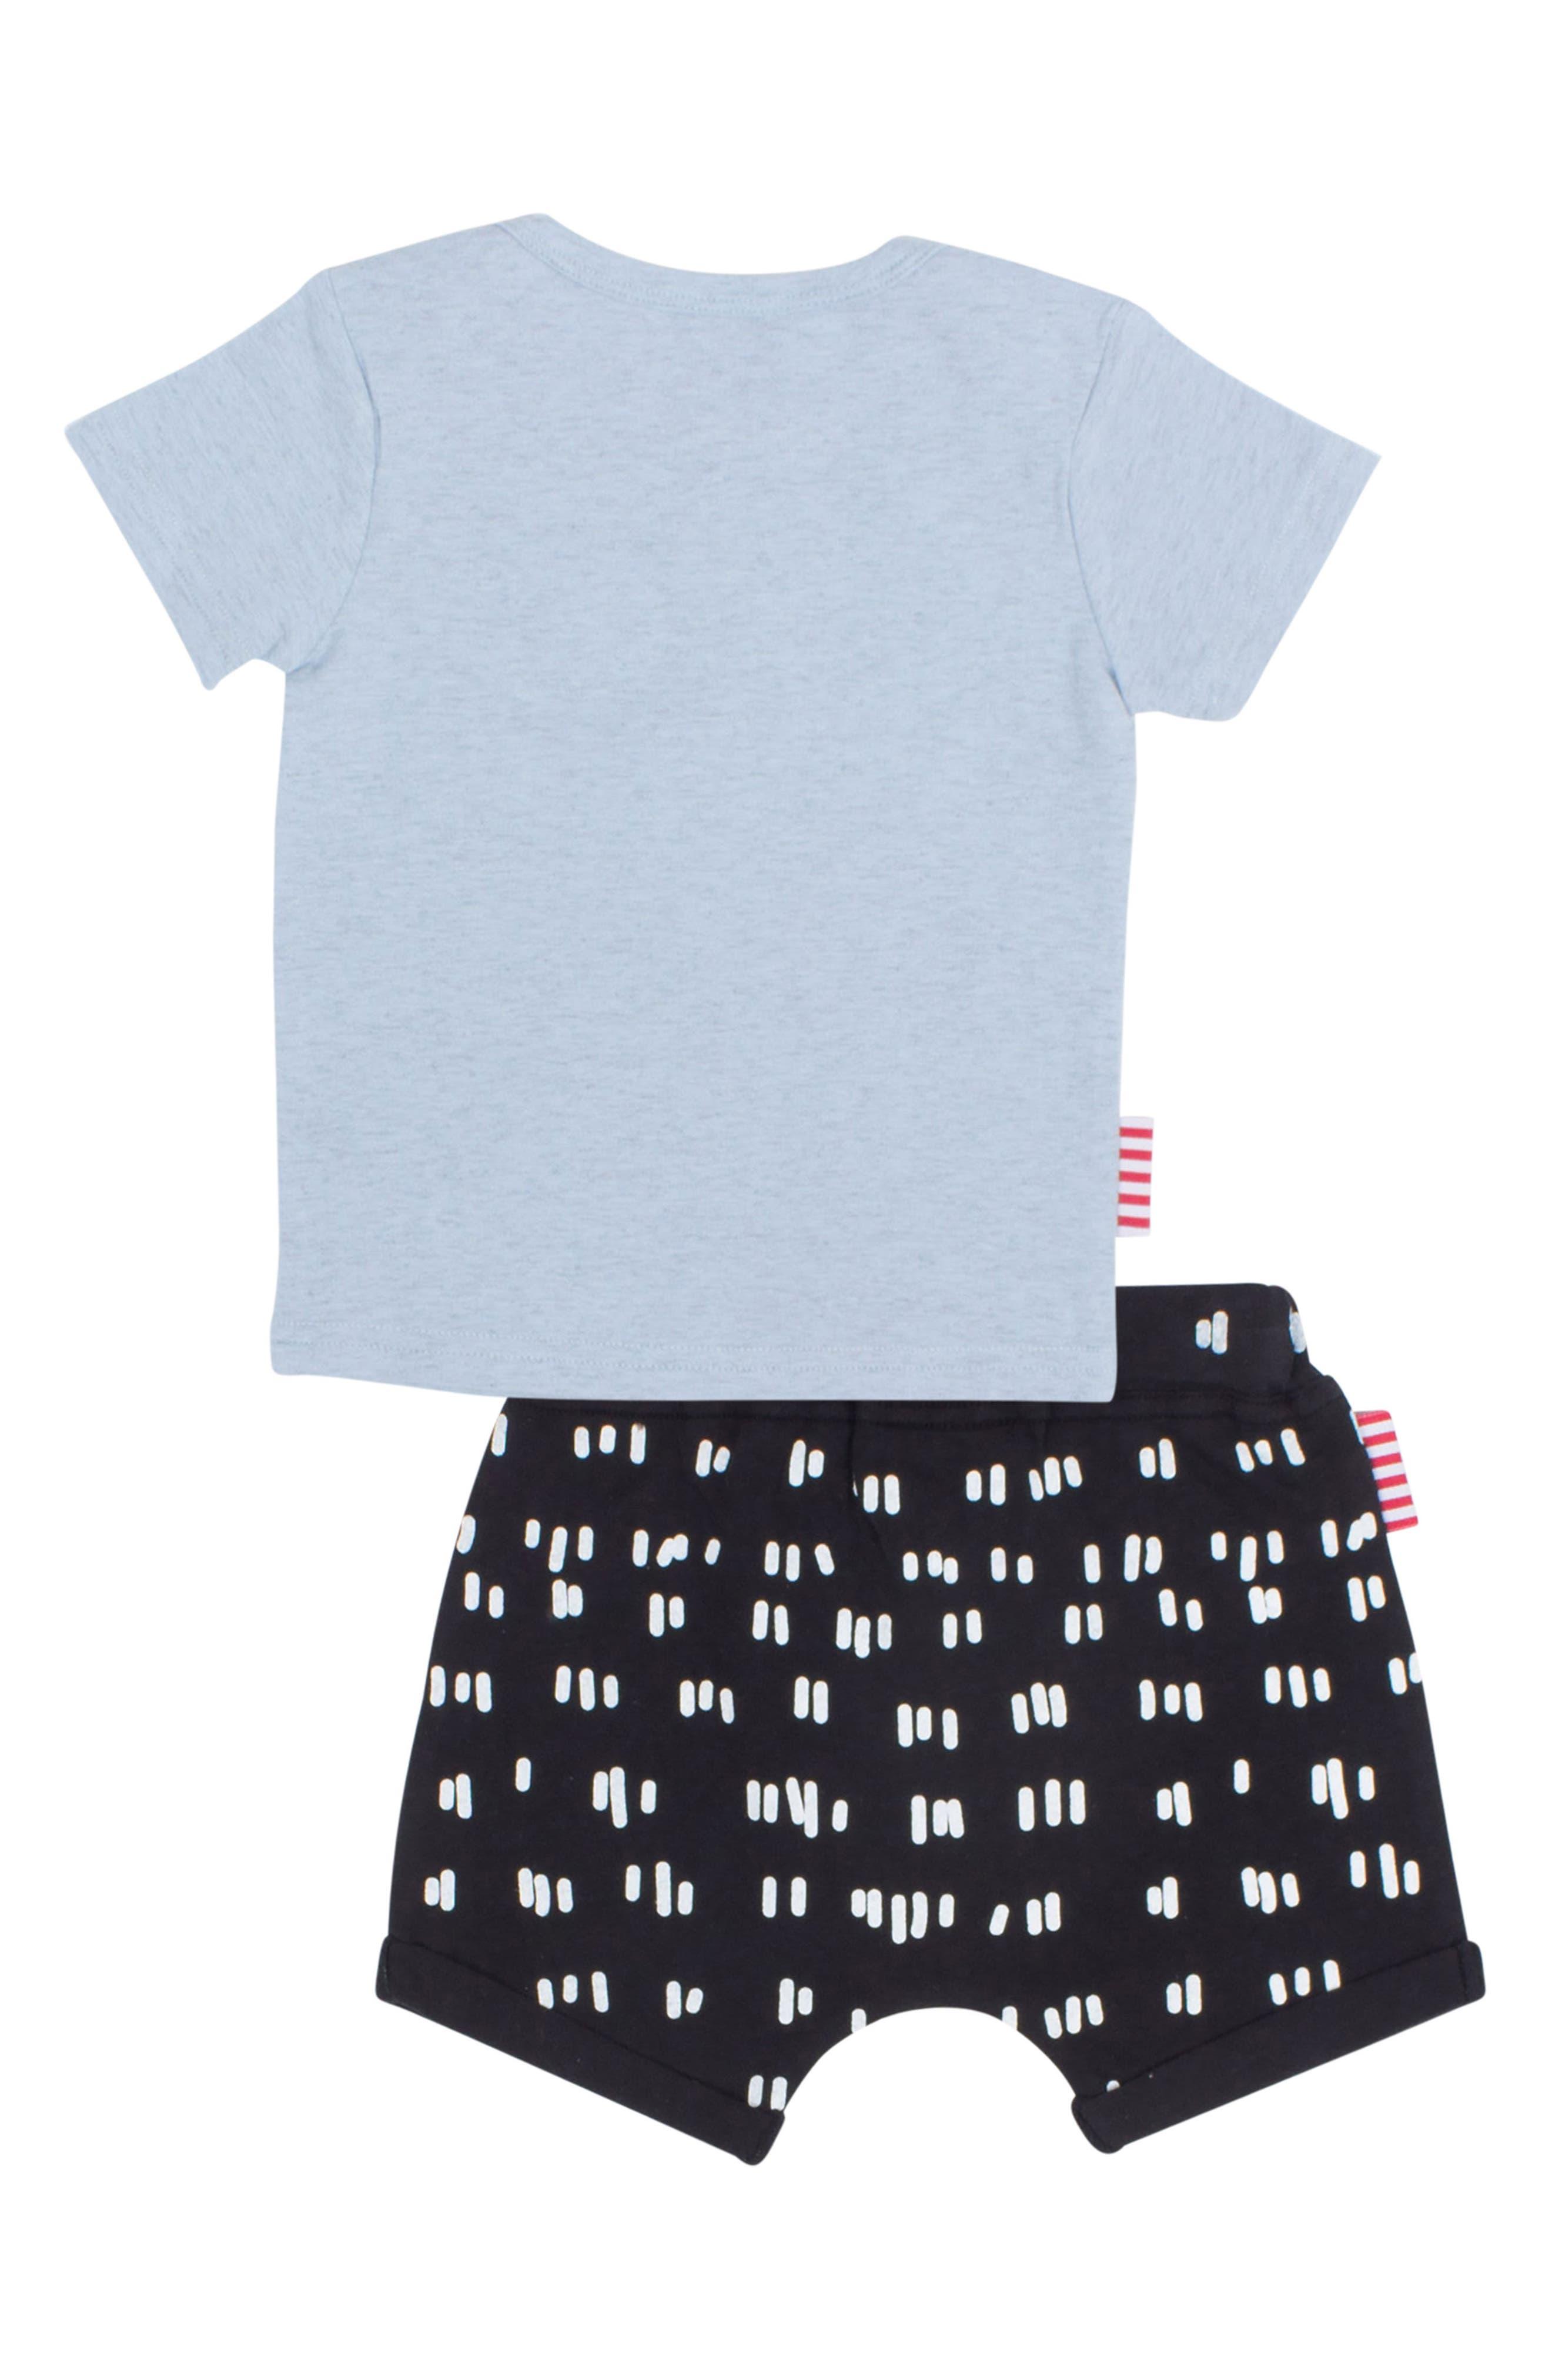 Licorice T-Shirt & Shorts Set,                             Alternate thumbnail 2, color,                             Blue/ Black